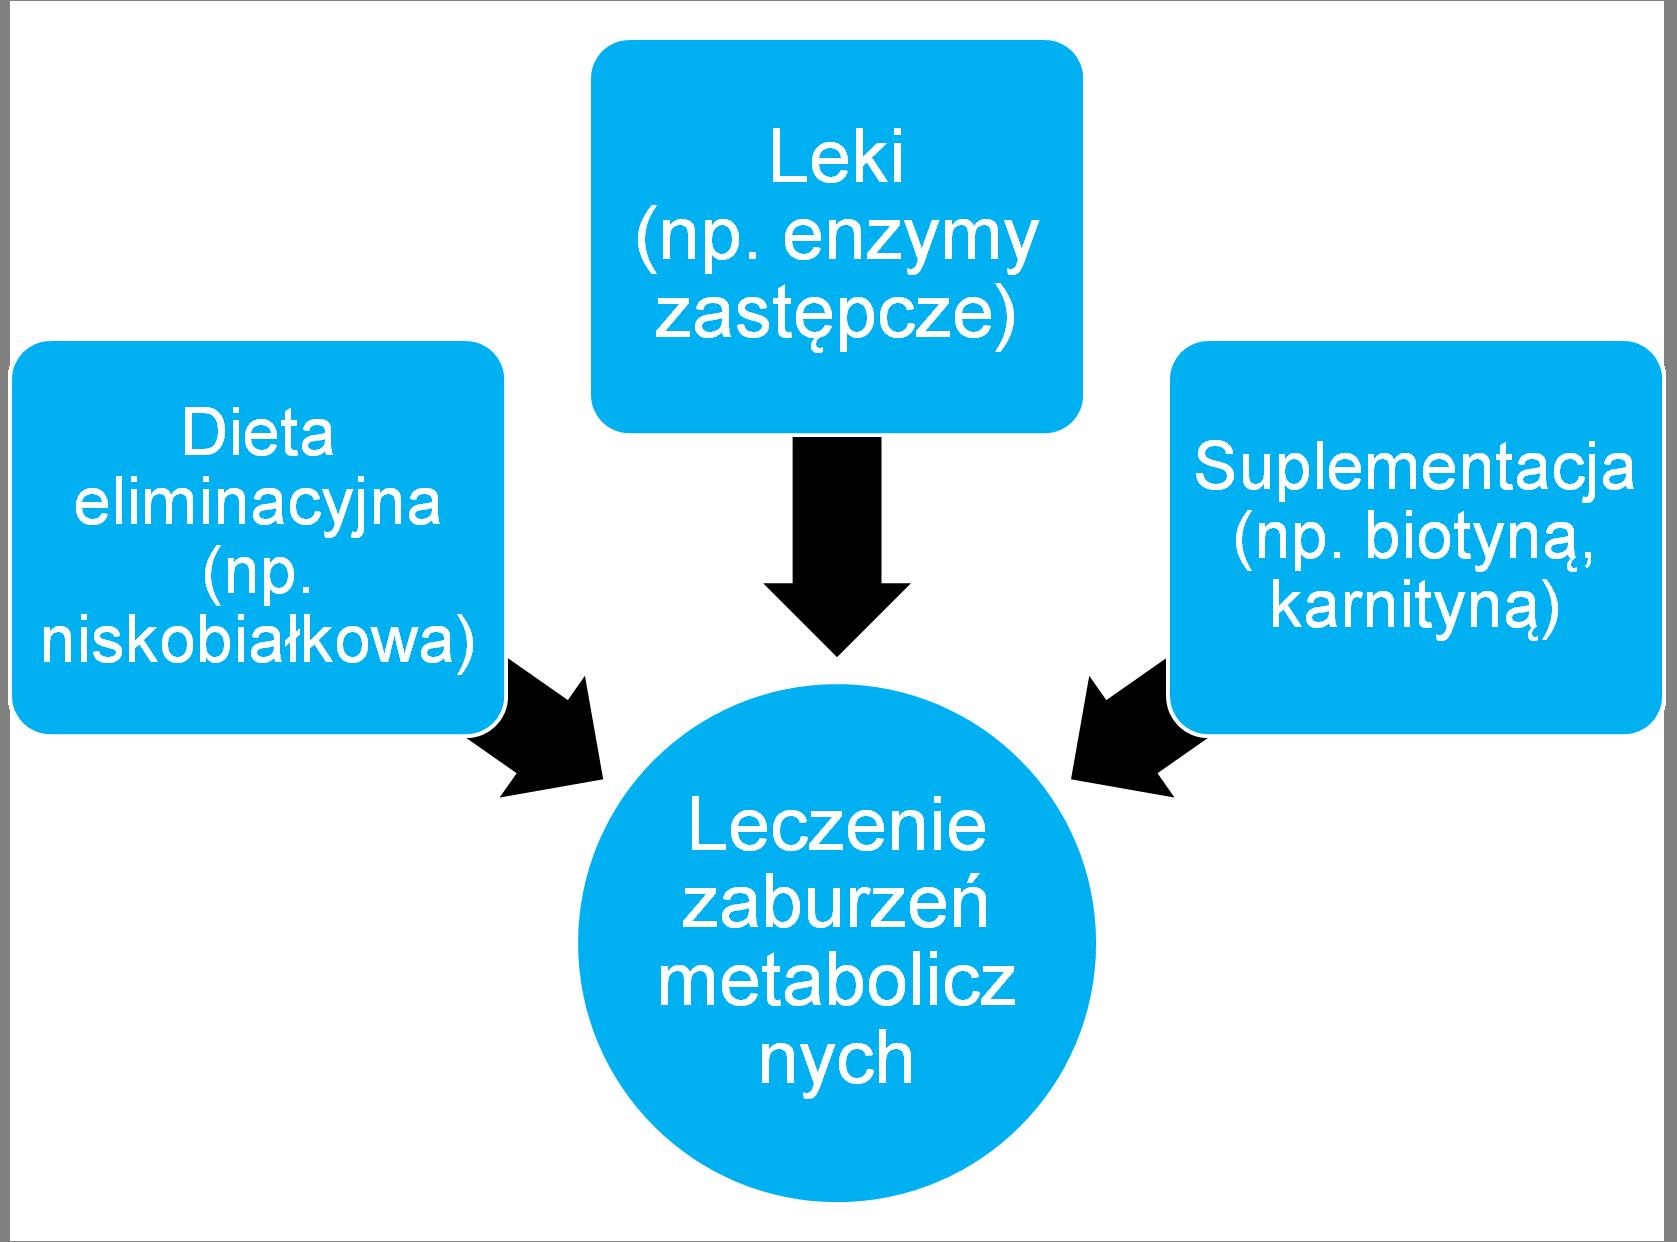 Jak leczy się zaburzenia metaboliczne?